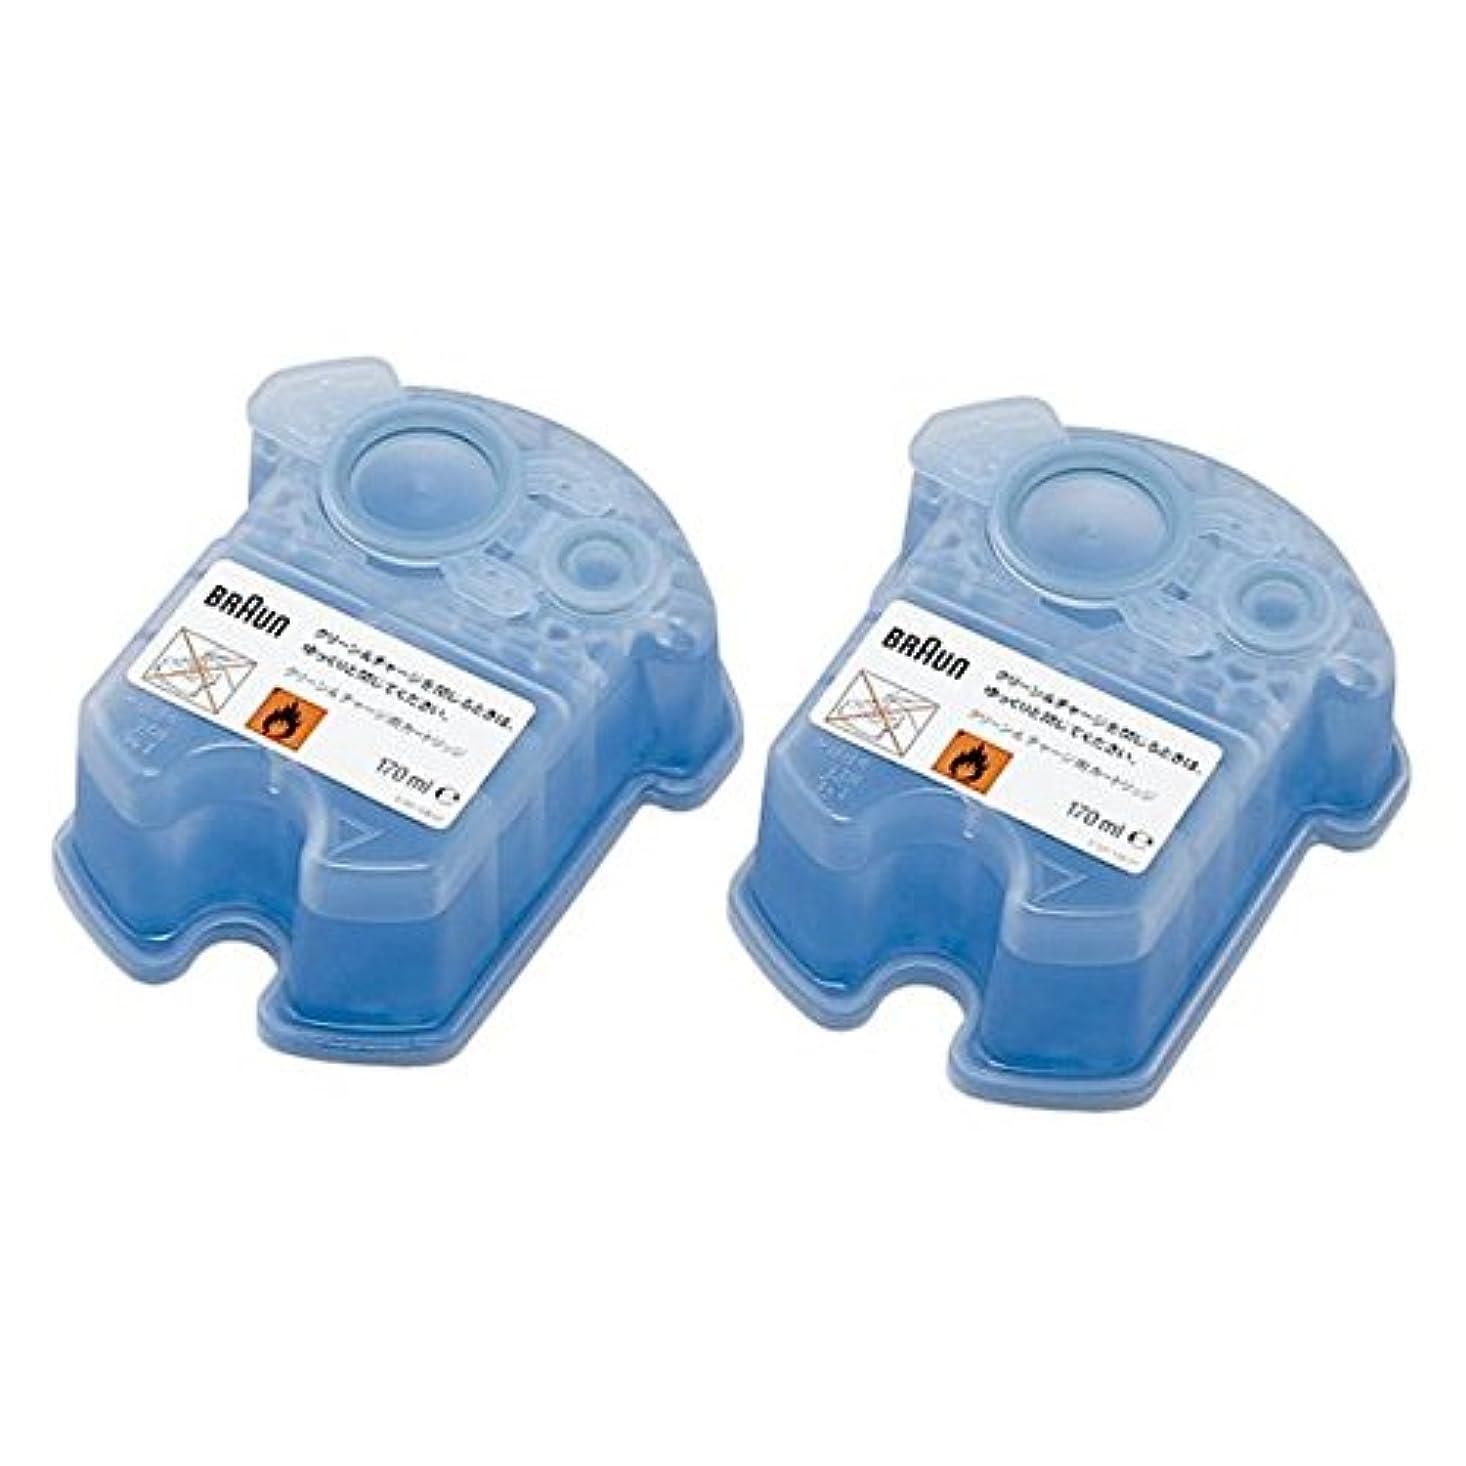 ペリスコープゴシップ名詞BRAUN(ブラウン) クリーン&リニュー専用 洗浄液カートリッジ CCR2CR 2個入 家電 生活家電 [並行輸入品]